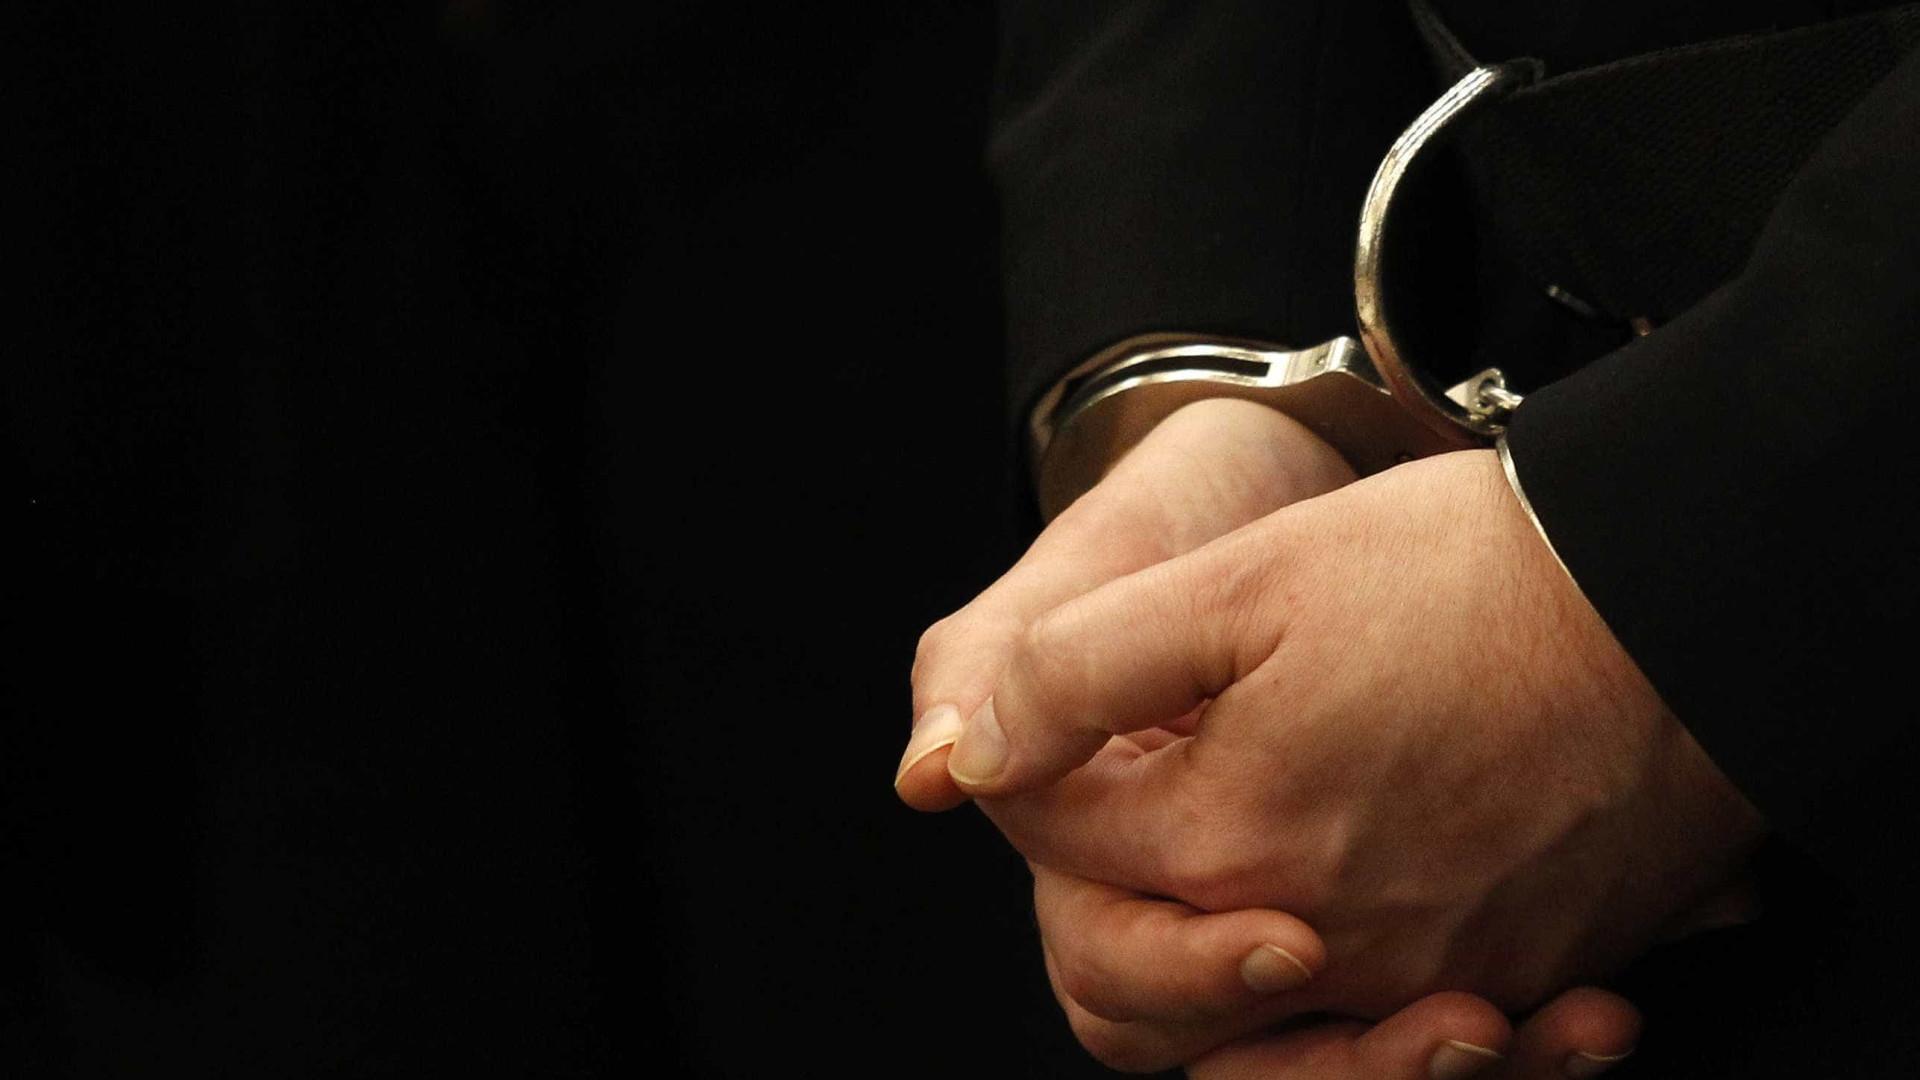 Discussão envolvendo arma leva a detenção de dois homens no Seixal